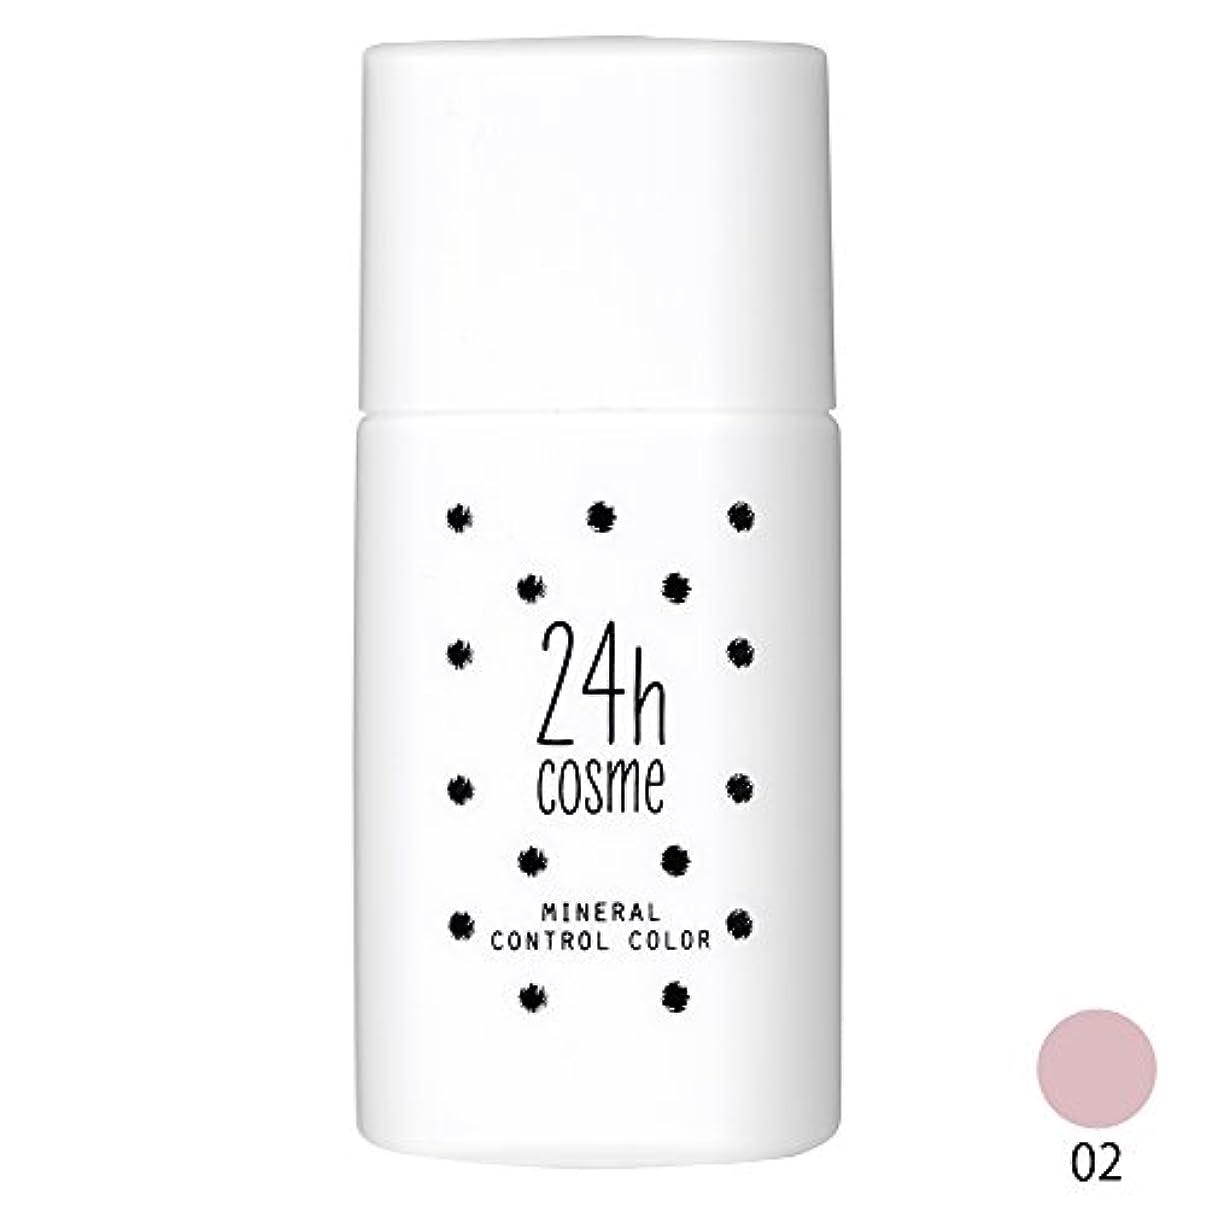 写真を撮るメカニックつば24h cosme 24 コントロールベースカラー 02クリアバイオレット 肌に優しい化粧下地 20ml